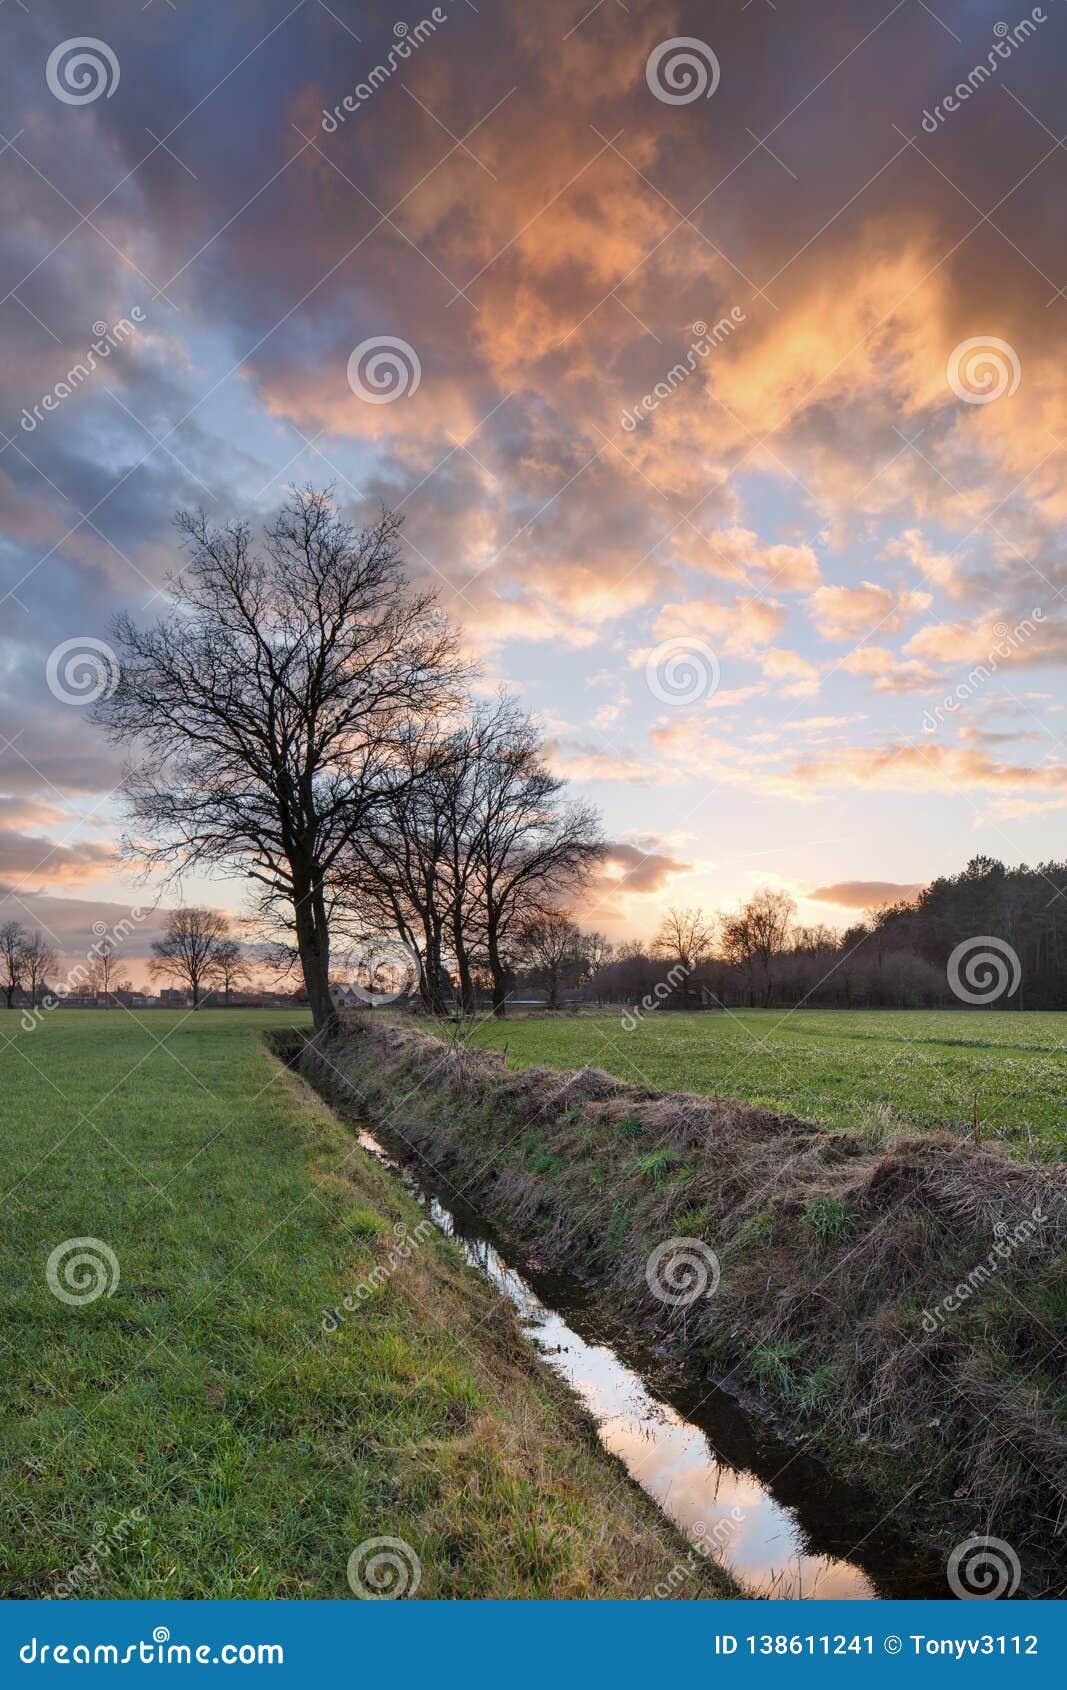 Ländliche Landschaft, Feld mit Bäumen nahe einem Abzugsgraben und bunter Sonnenuntergang mit drastischen Wolken, Weelde, Belgien